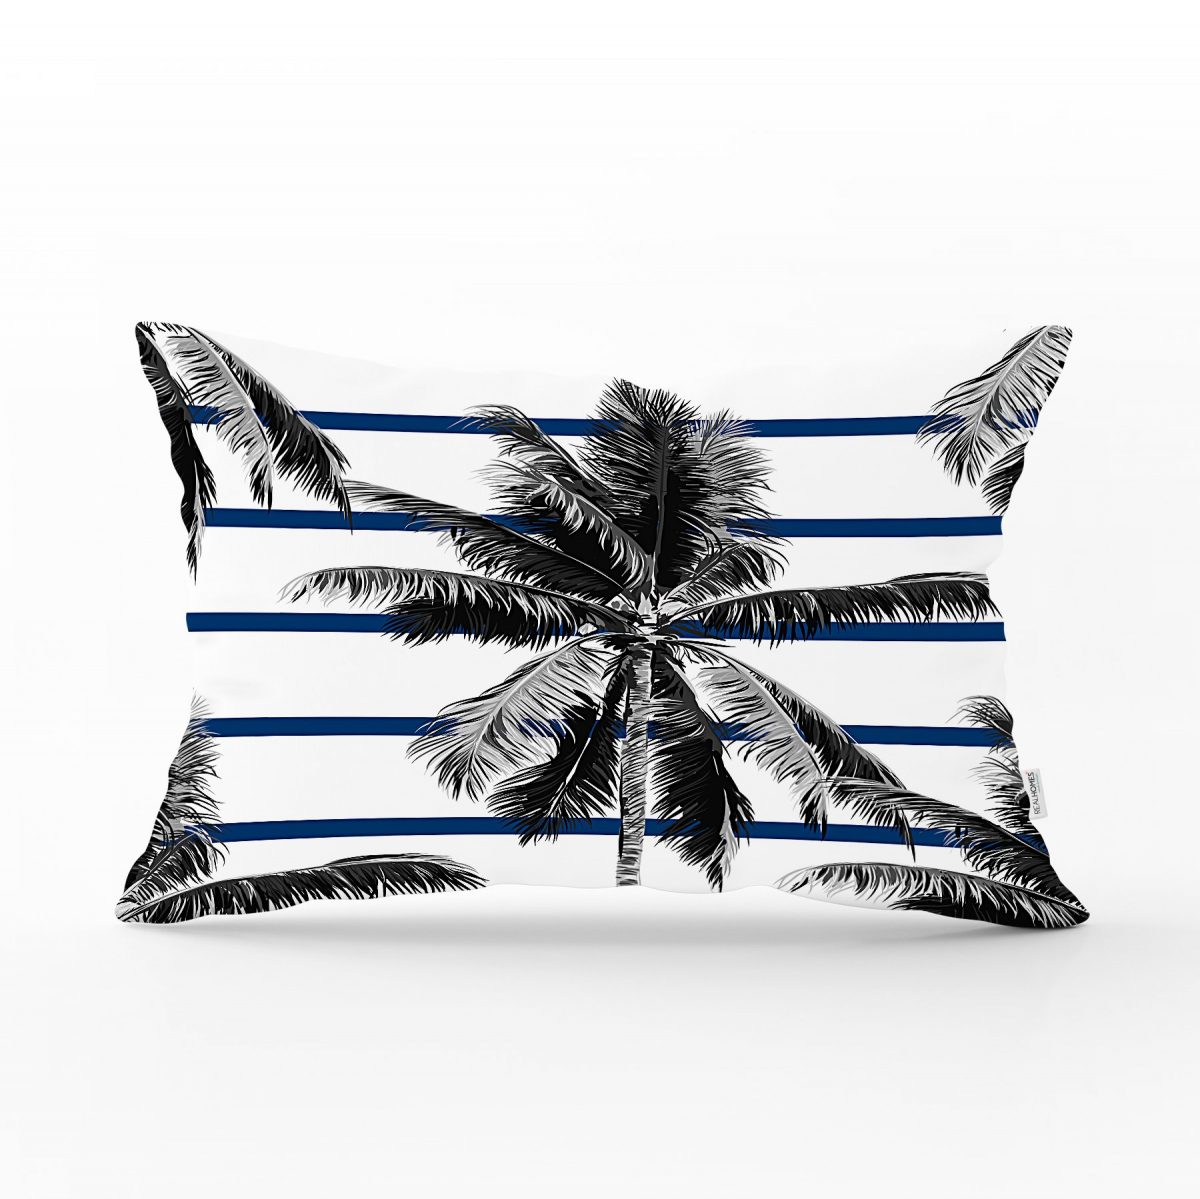 Çizgili Palmiye Yaprakları Dekoratif Dikdörtgen Yastık Kırlent Kılıfı Realhomes